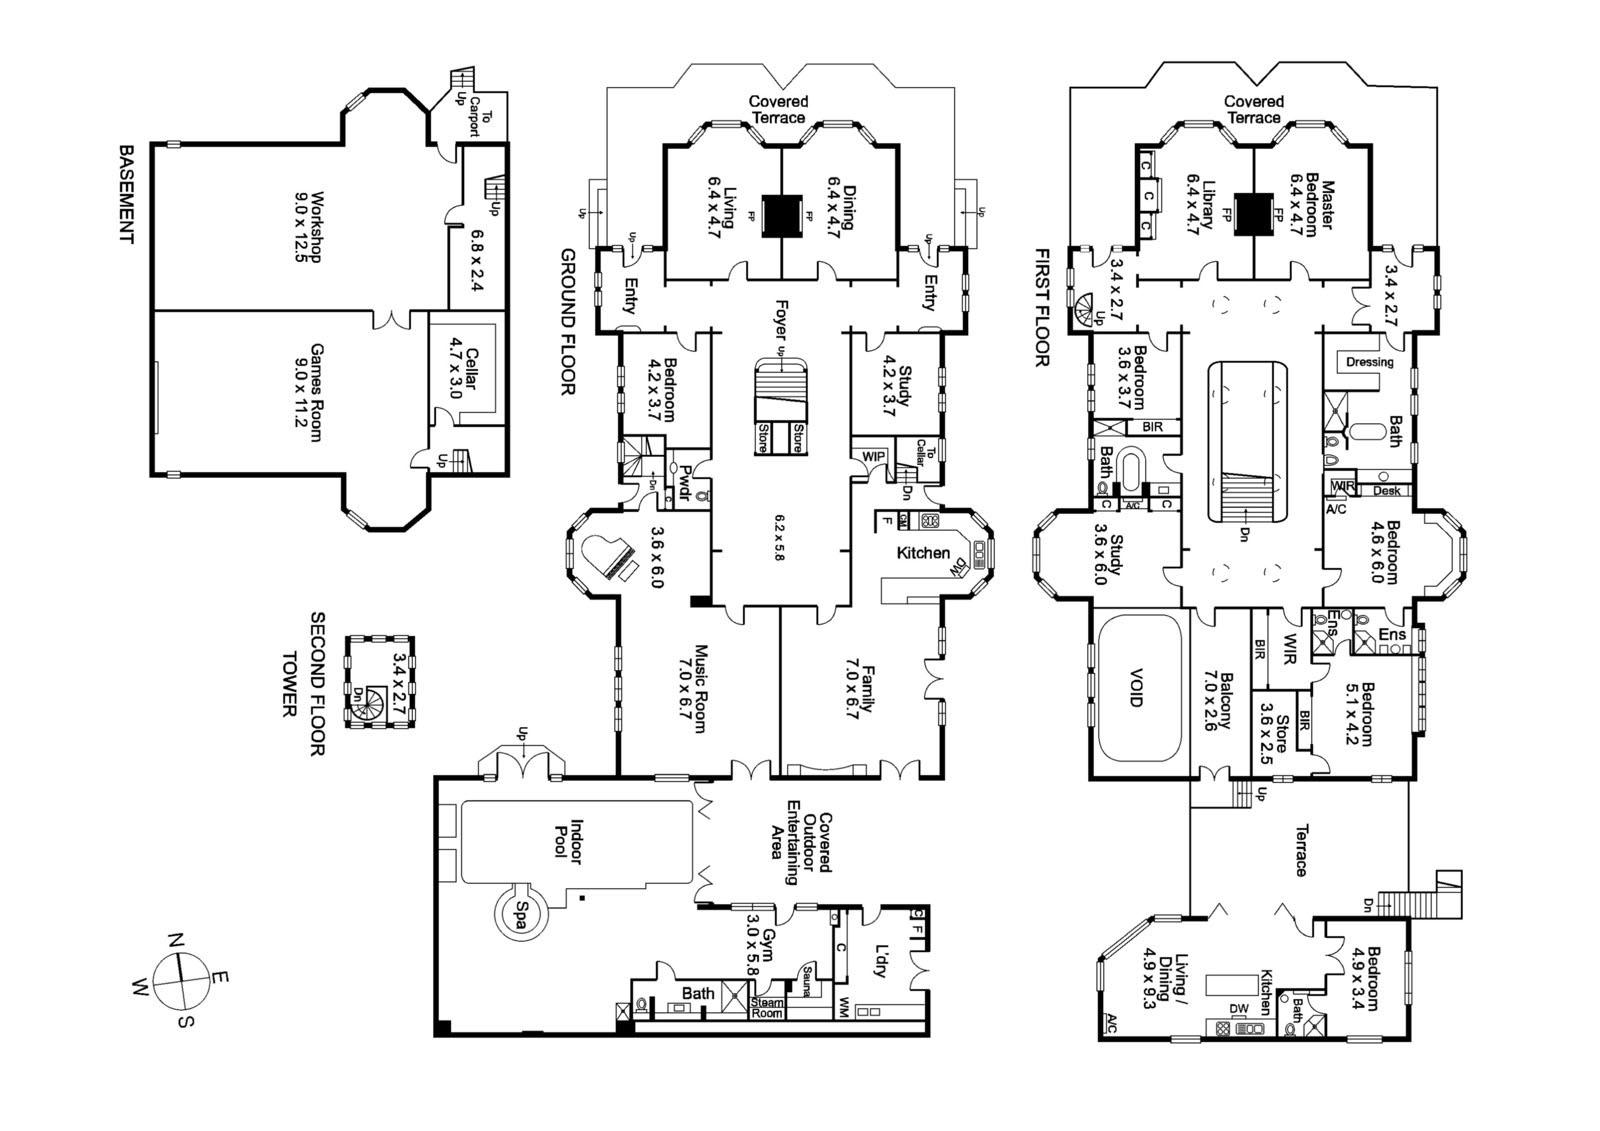 планировка двухэтажного дома